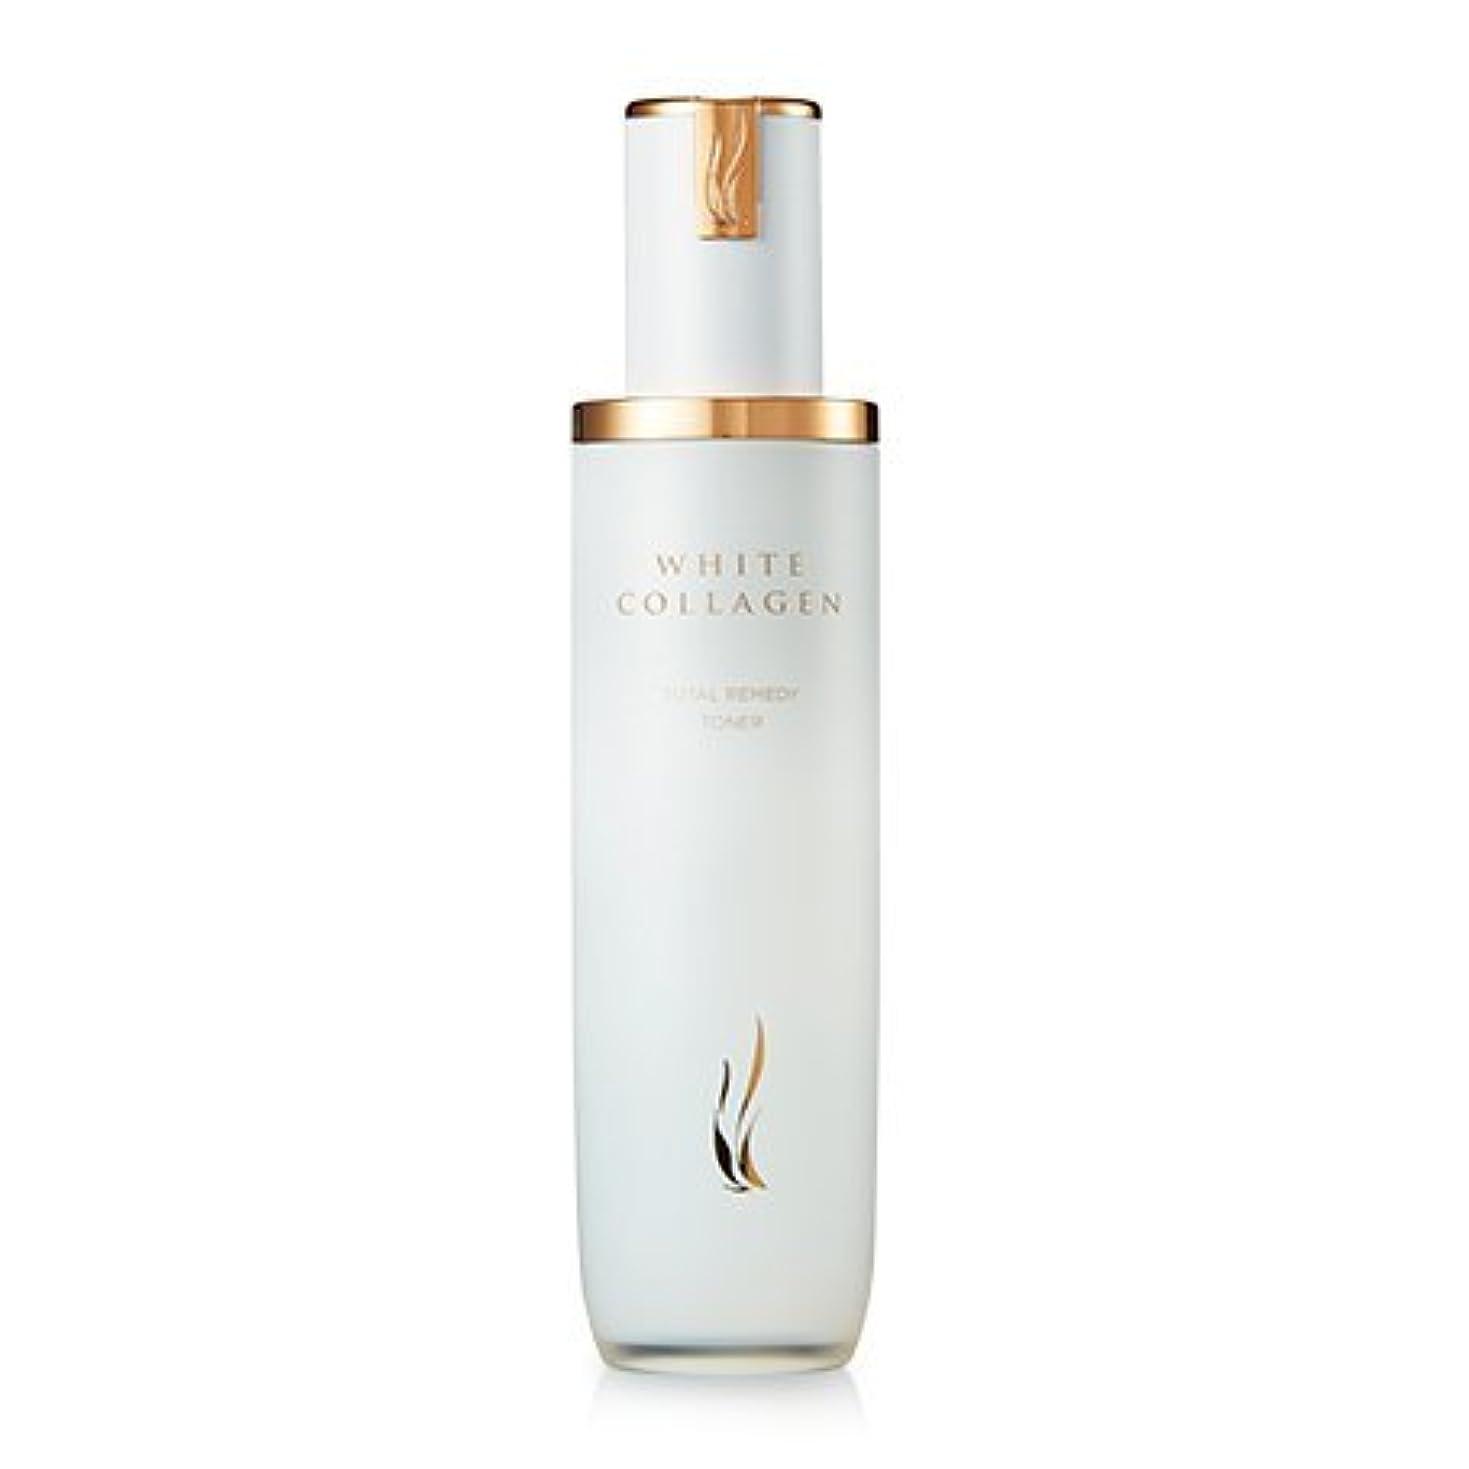 マエストロブッシュまたはどちらか[New] A.H.C (AHC) White Collagen Total Remedy Toner 130ml/A.H.C ホワイト コラーゲン トータル レミディ トナー 130ml [並行輸入品]